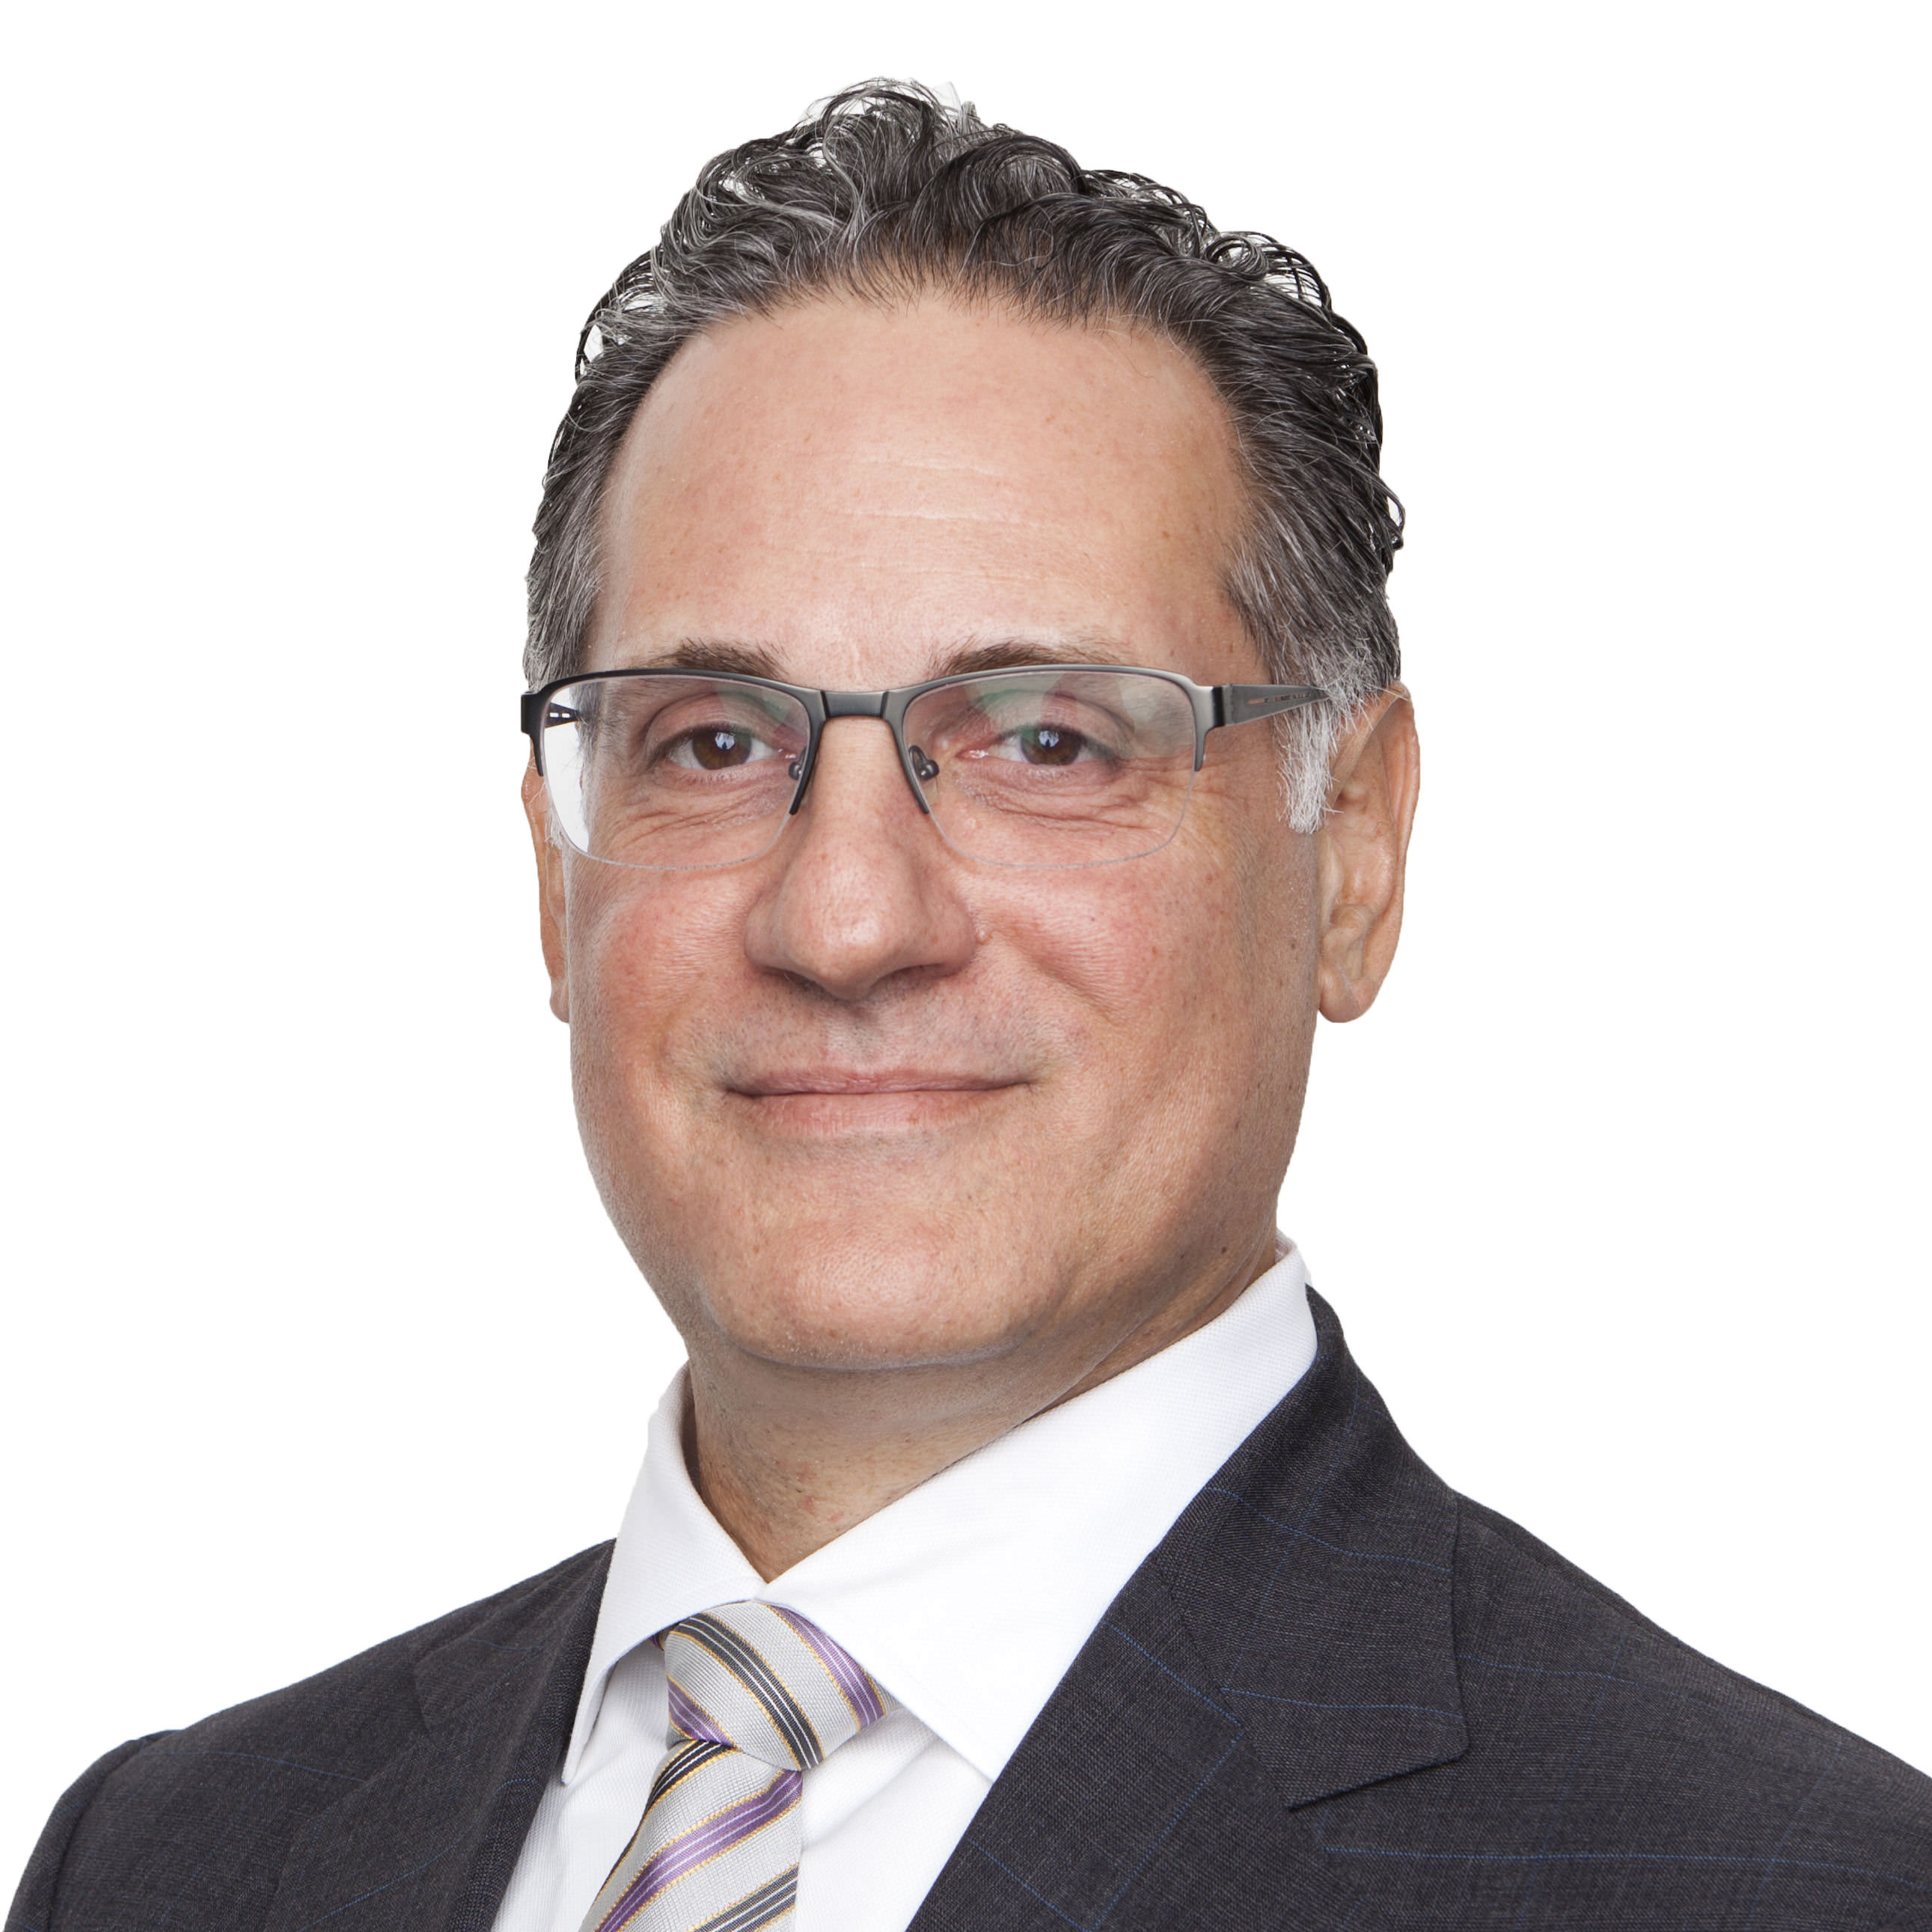 Steve Fineman